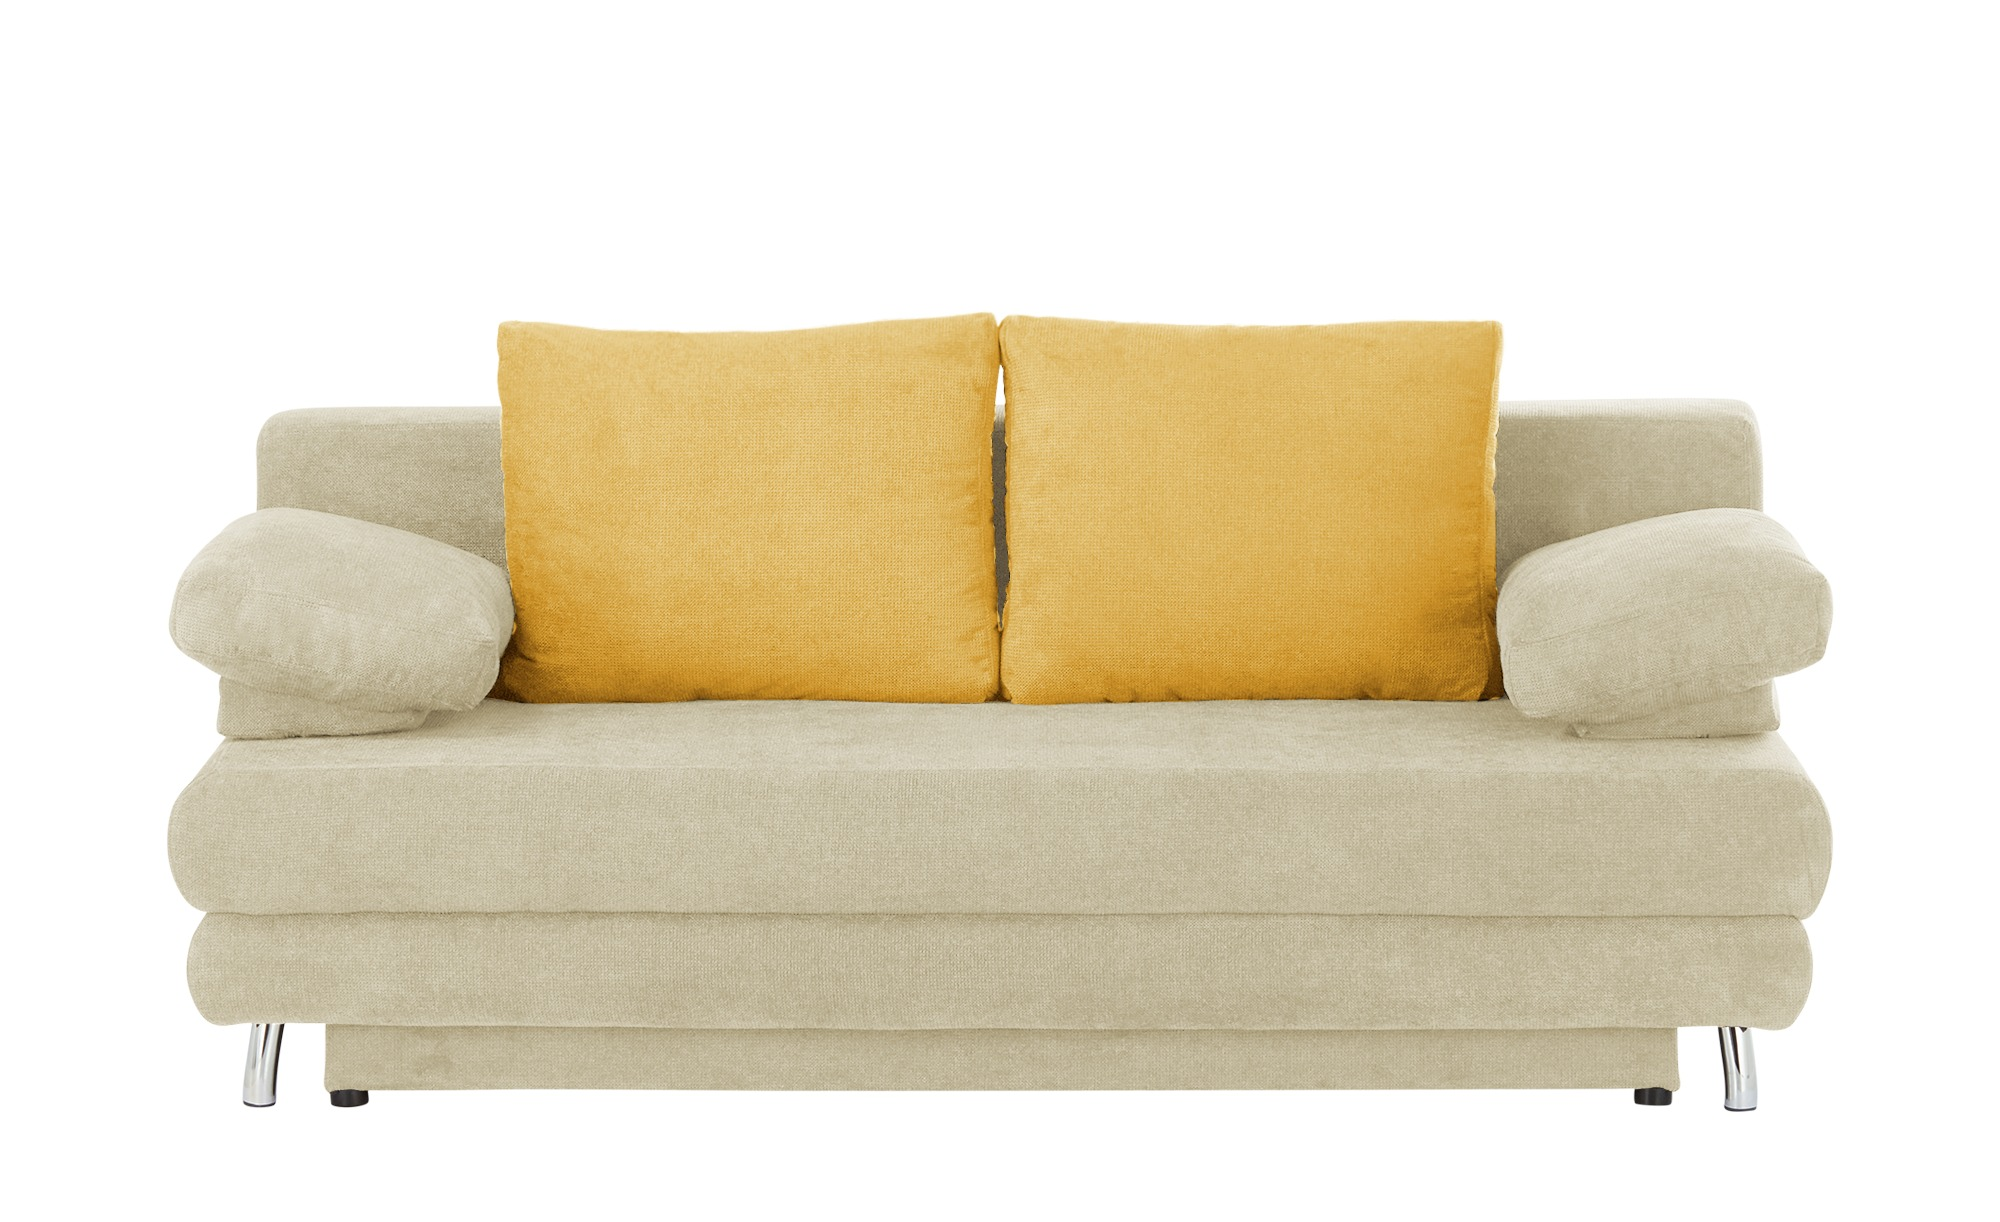 Schlafsofa  Calina ¦ beige ¦ Maße (cm): B: 205 H: 80 T: 100 Polstermöbel > Sofas > 2-Sitzer - Höffner